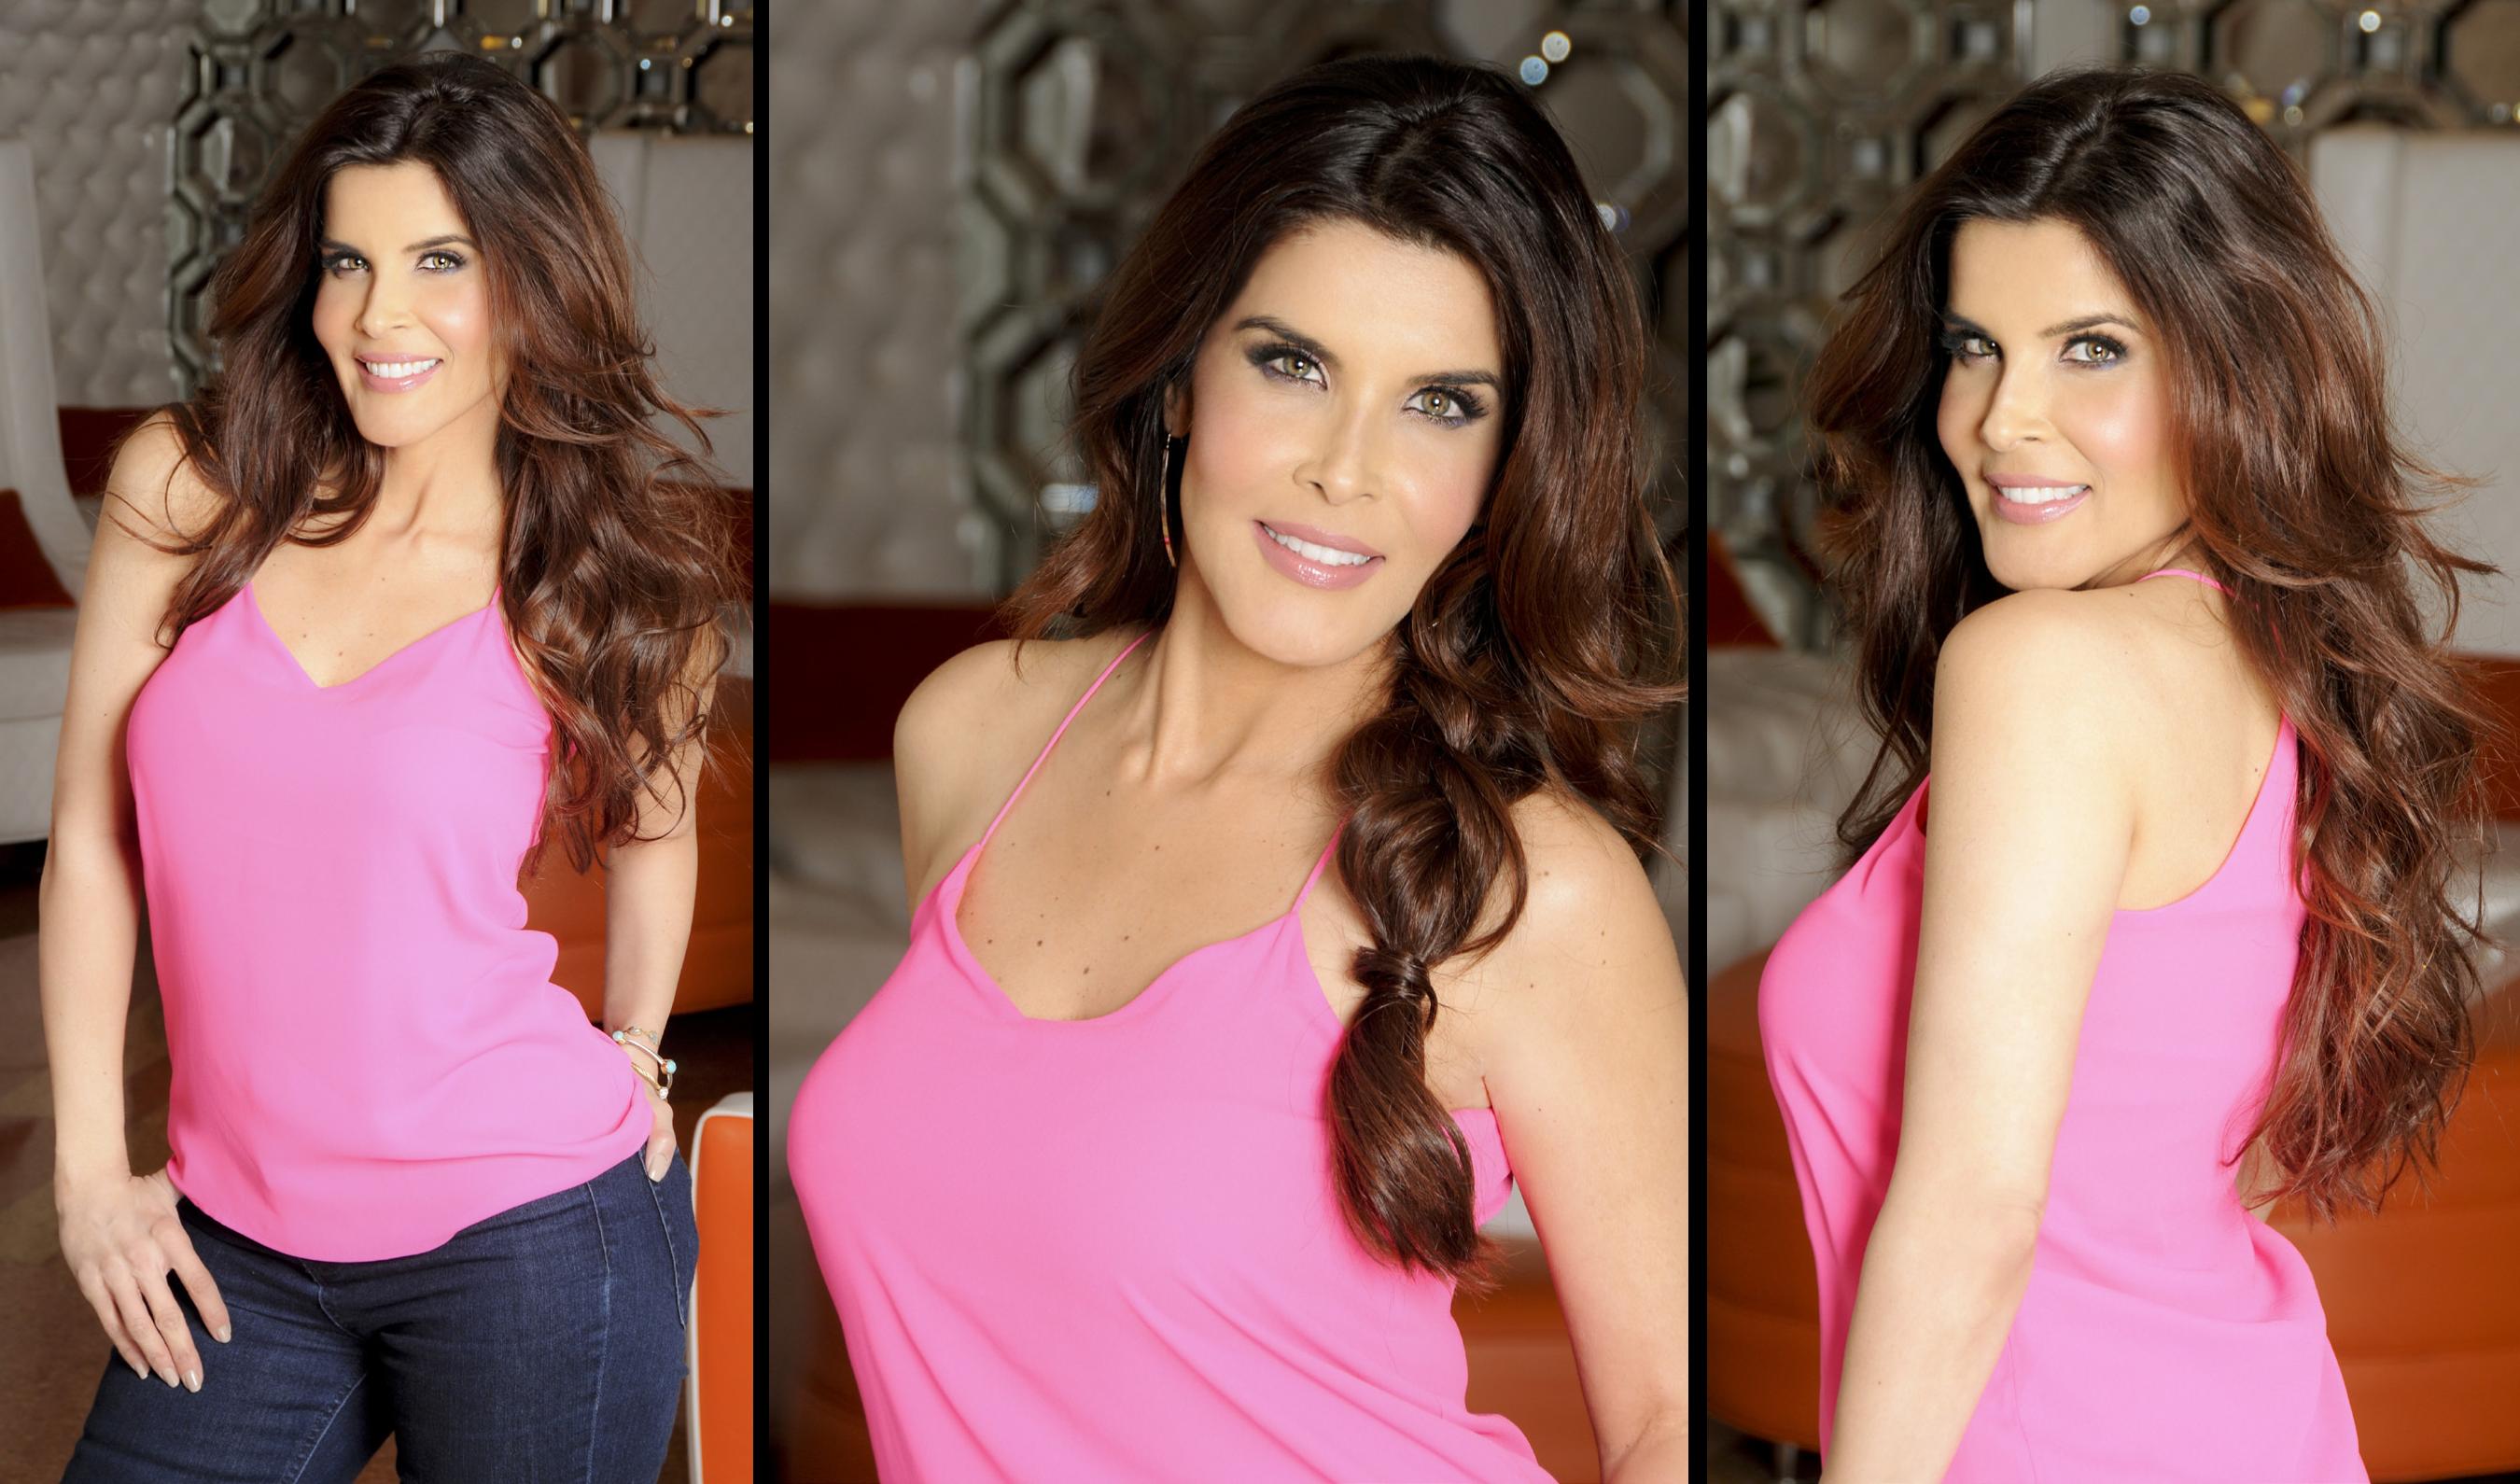 images Adriana Catano